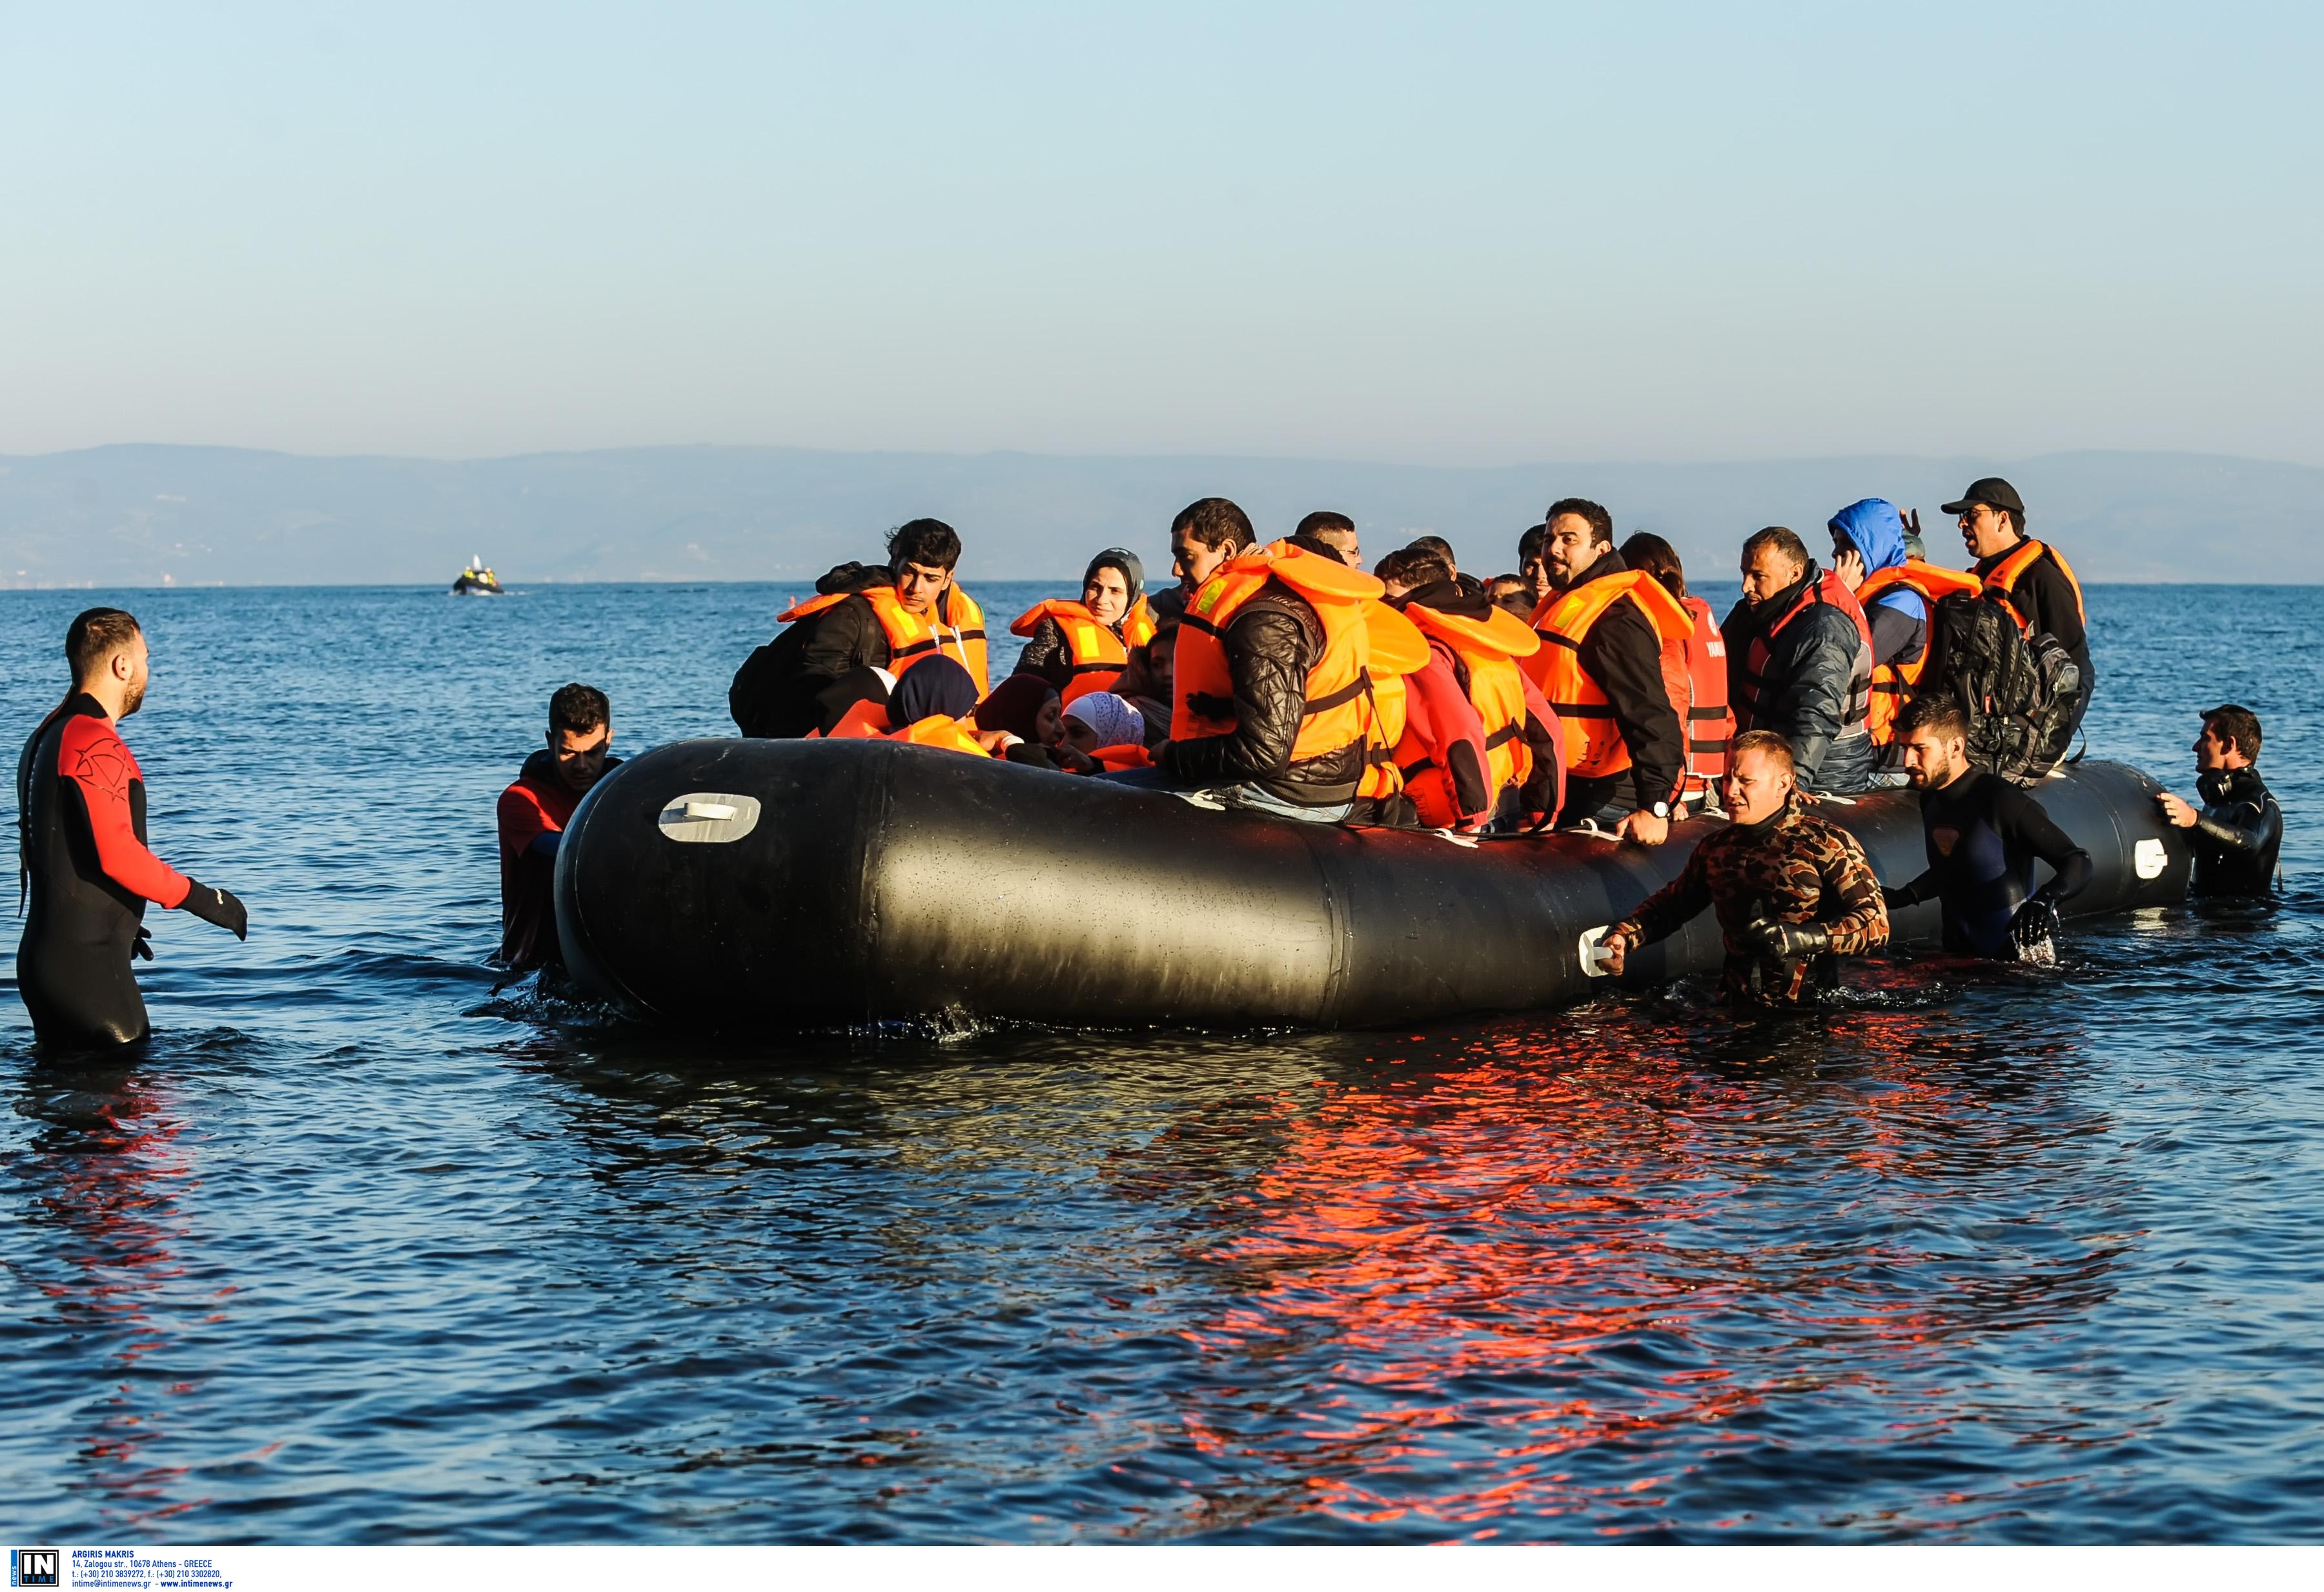 Μεσσηνία: Ιστιοφόρο με αβοήθητους πρόσφυγες και μετανάστες – Έσπευσαν στο σημείο παραπλέοντα πλοία!